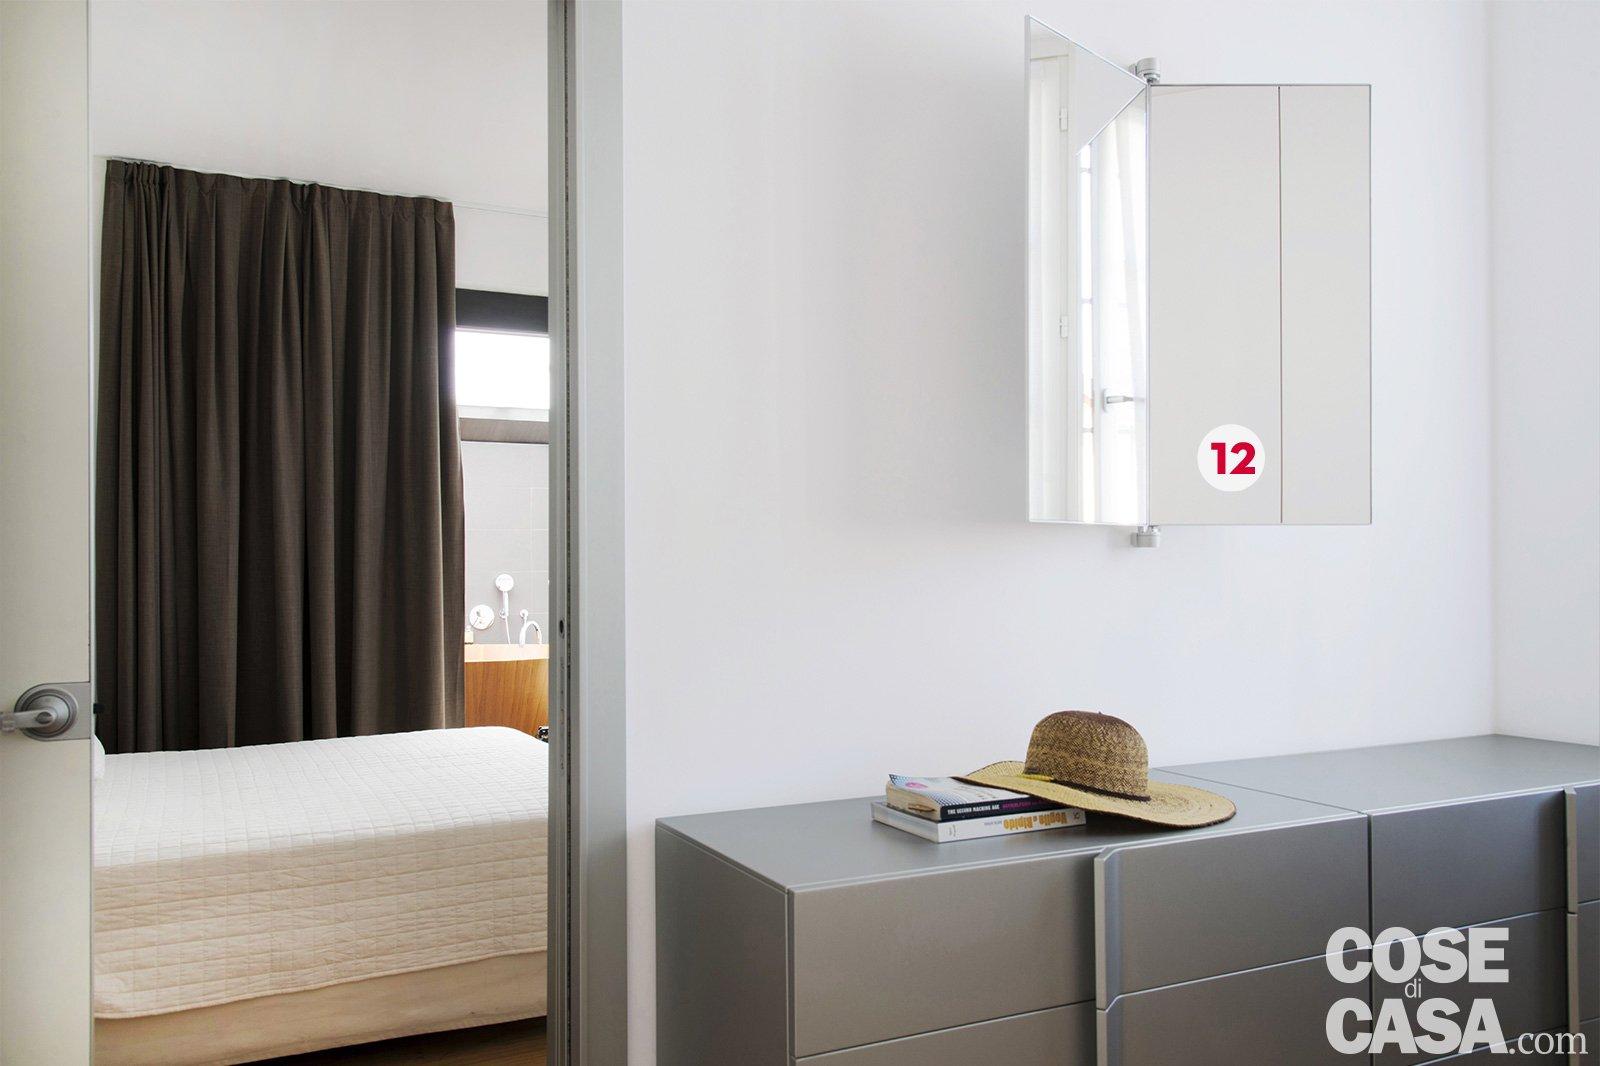 Cabine Armadio Con Finestra : Interni di 67 56 50 mq: elogio della semplicità cose di casa